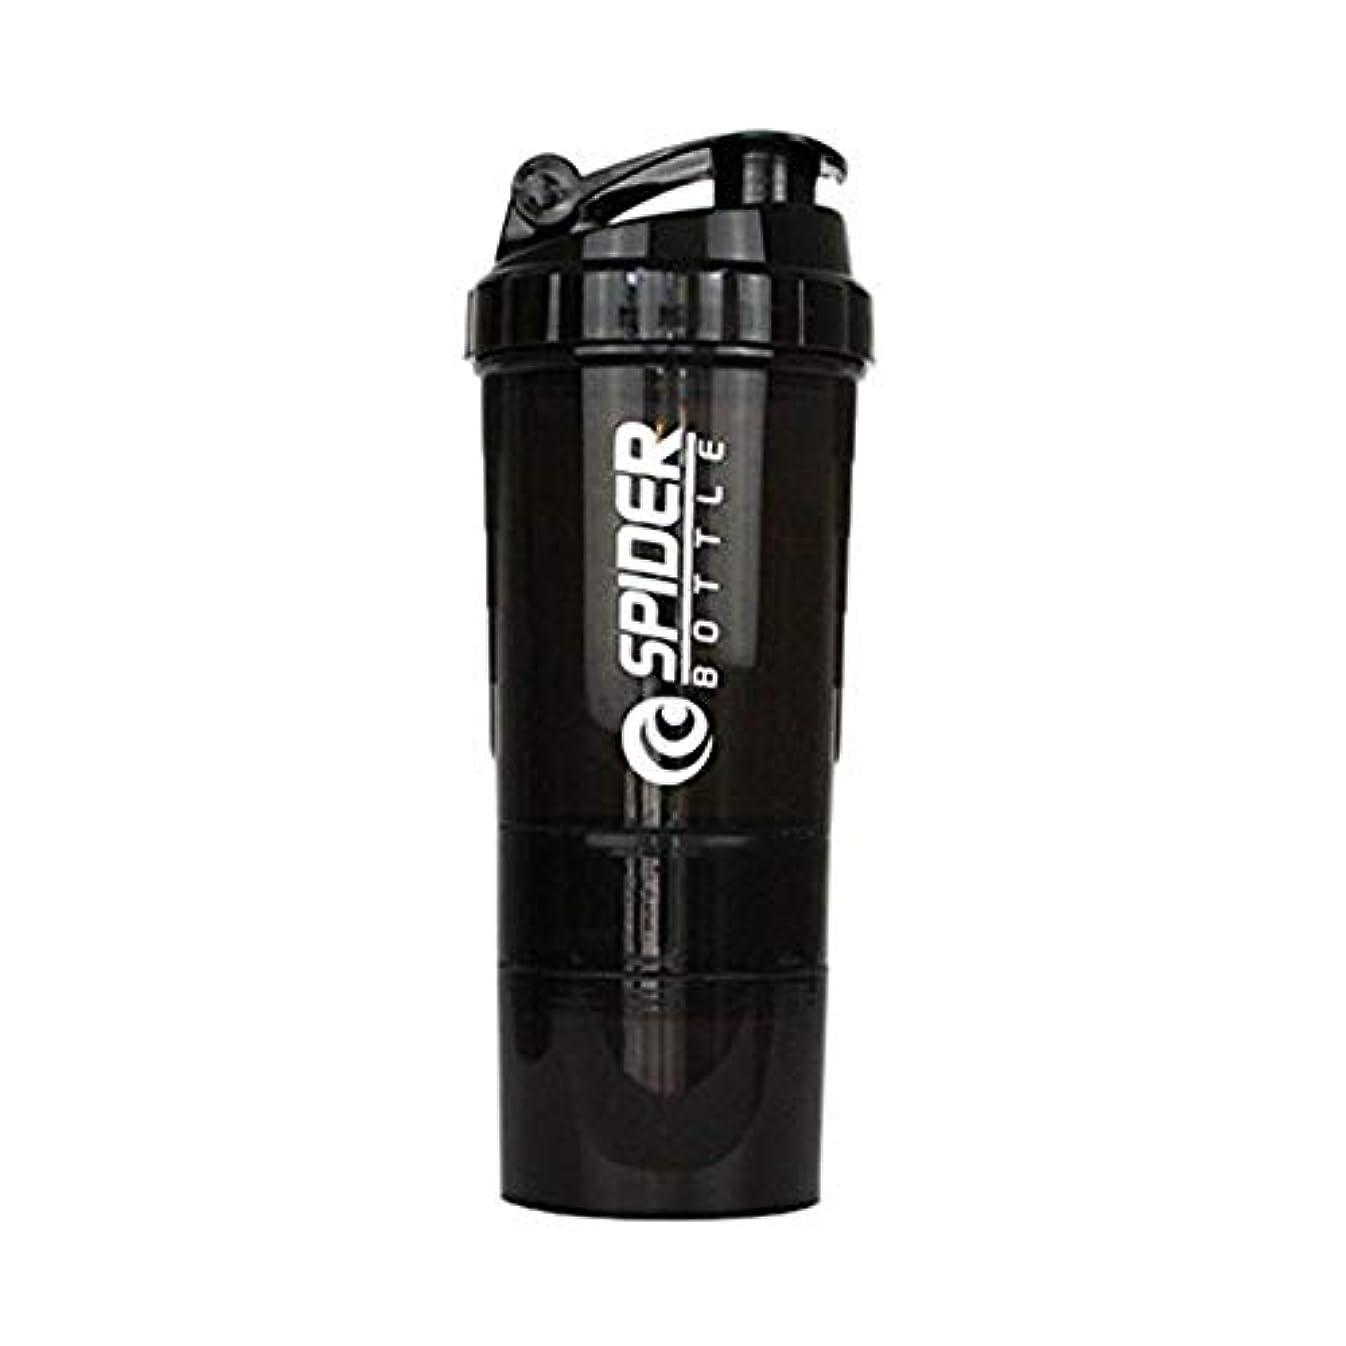 北方厚くする費やすGOIOD 3層ハンディー式 ウォーターボトル プロテインシ シェーカーボトル フィットネス用 プラスチック 目盛り ジム ダイエット スポーツ 栄養錠剤ビタミン入れ(ブラック) 600ML (ブラック)